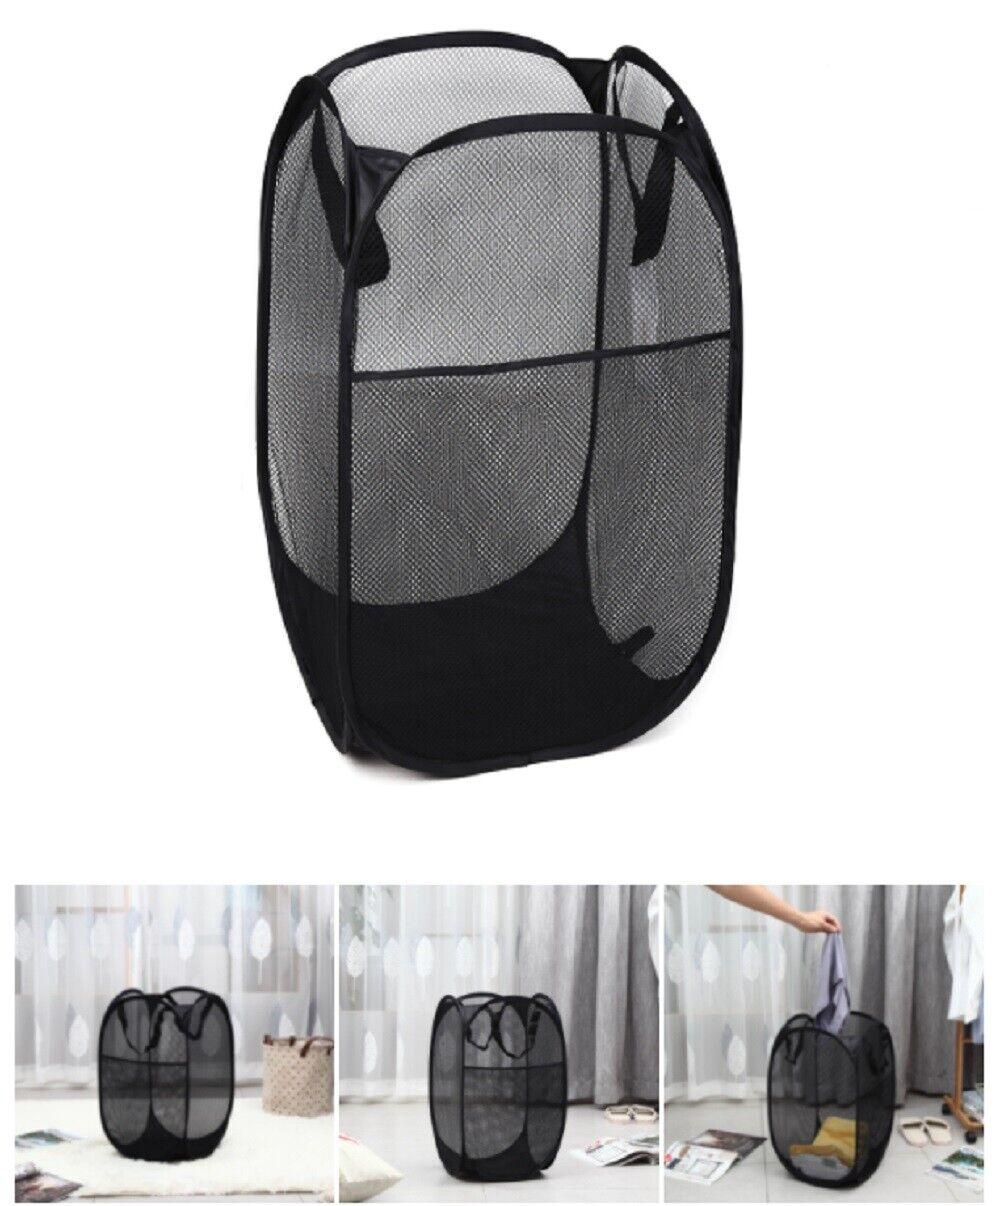 Large Foldable Storage Laundry Hamper Clothes Basket Nylon Laundry Washing Bag Home & Garden